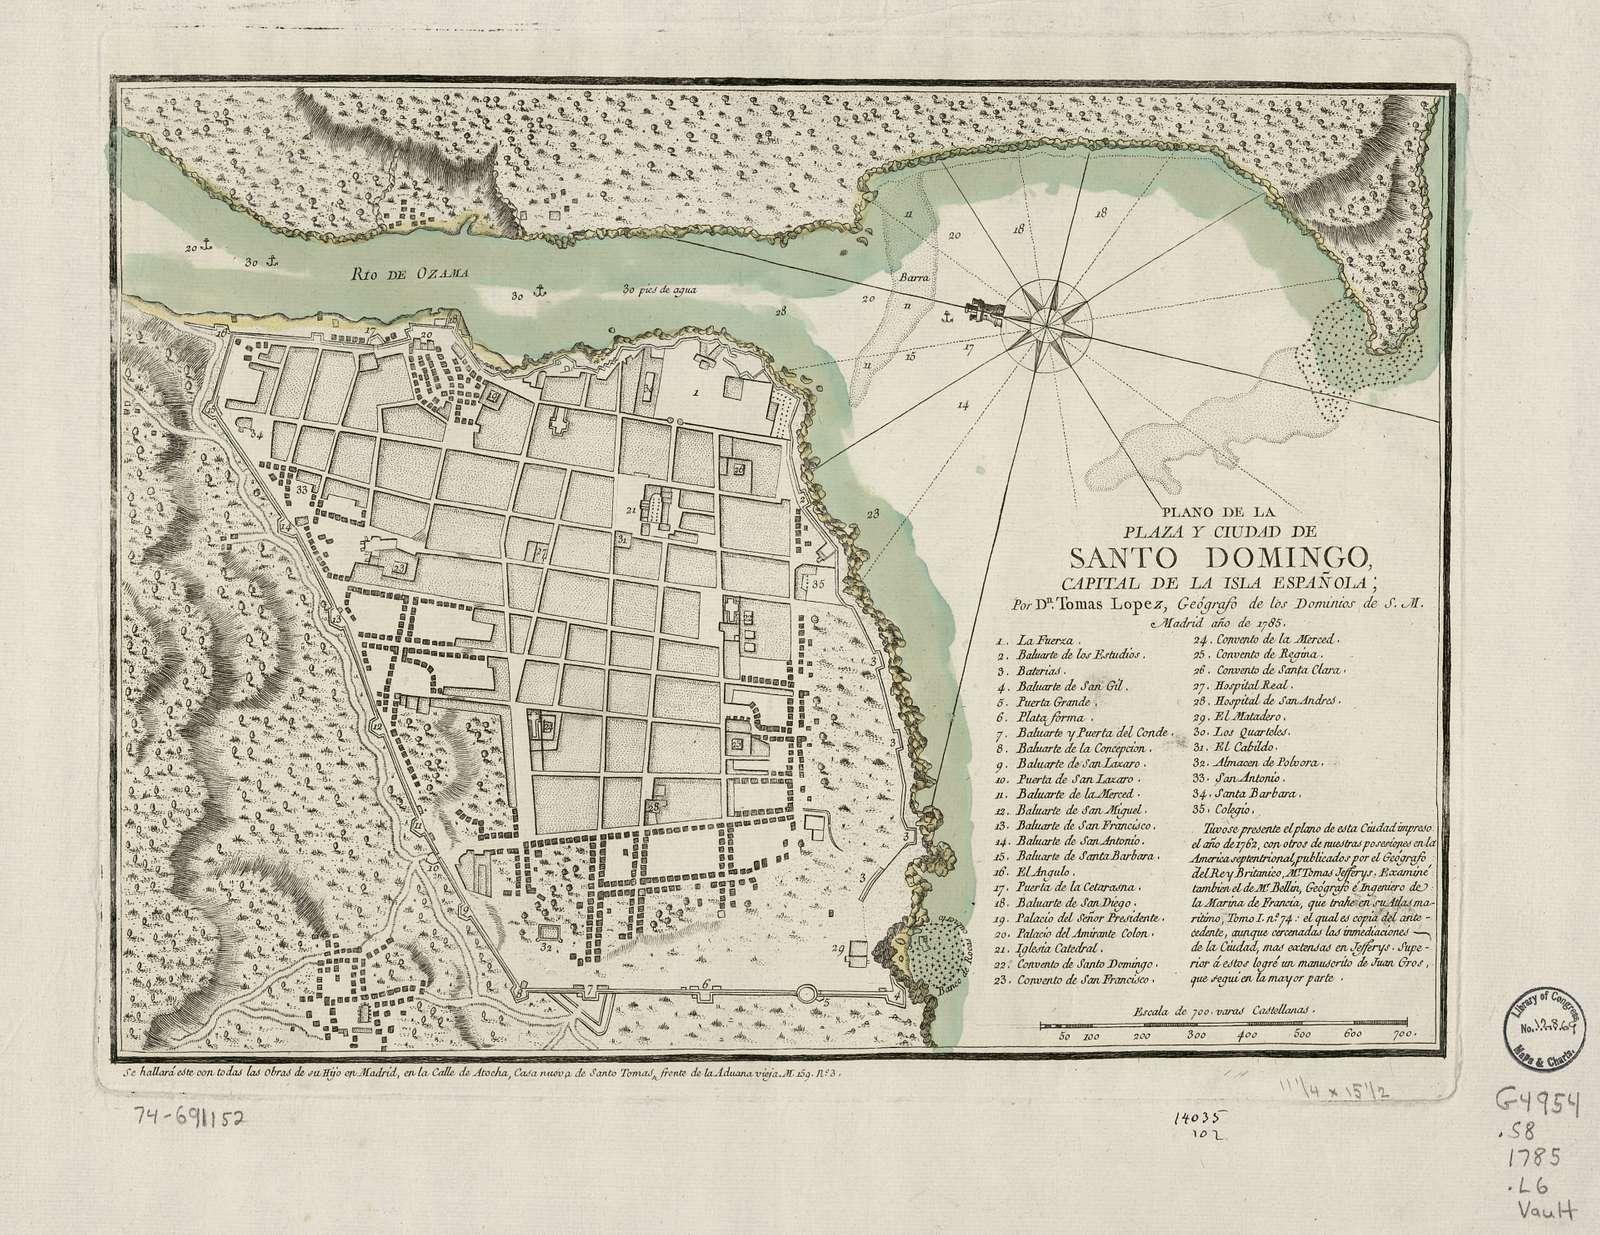 Plano de la plaza y ciudad de Santo Domingo, capital de la isla Española;